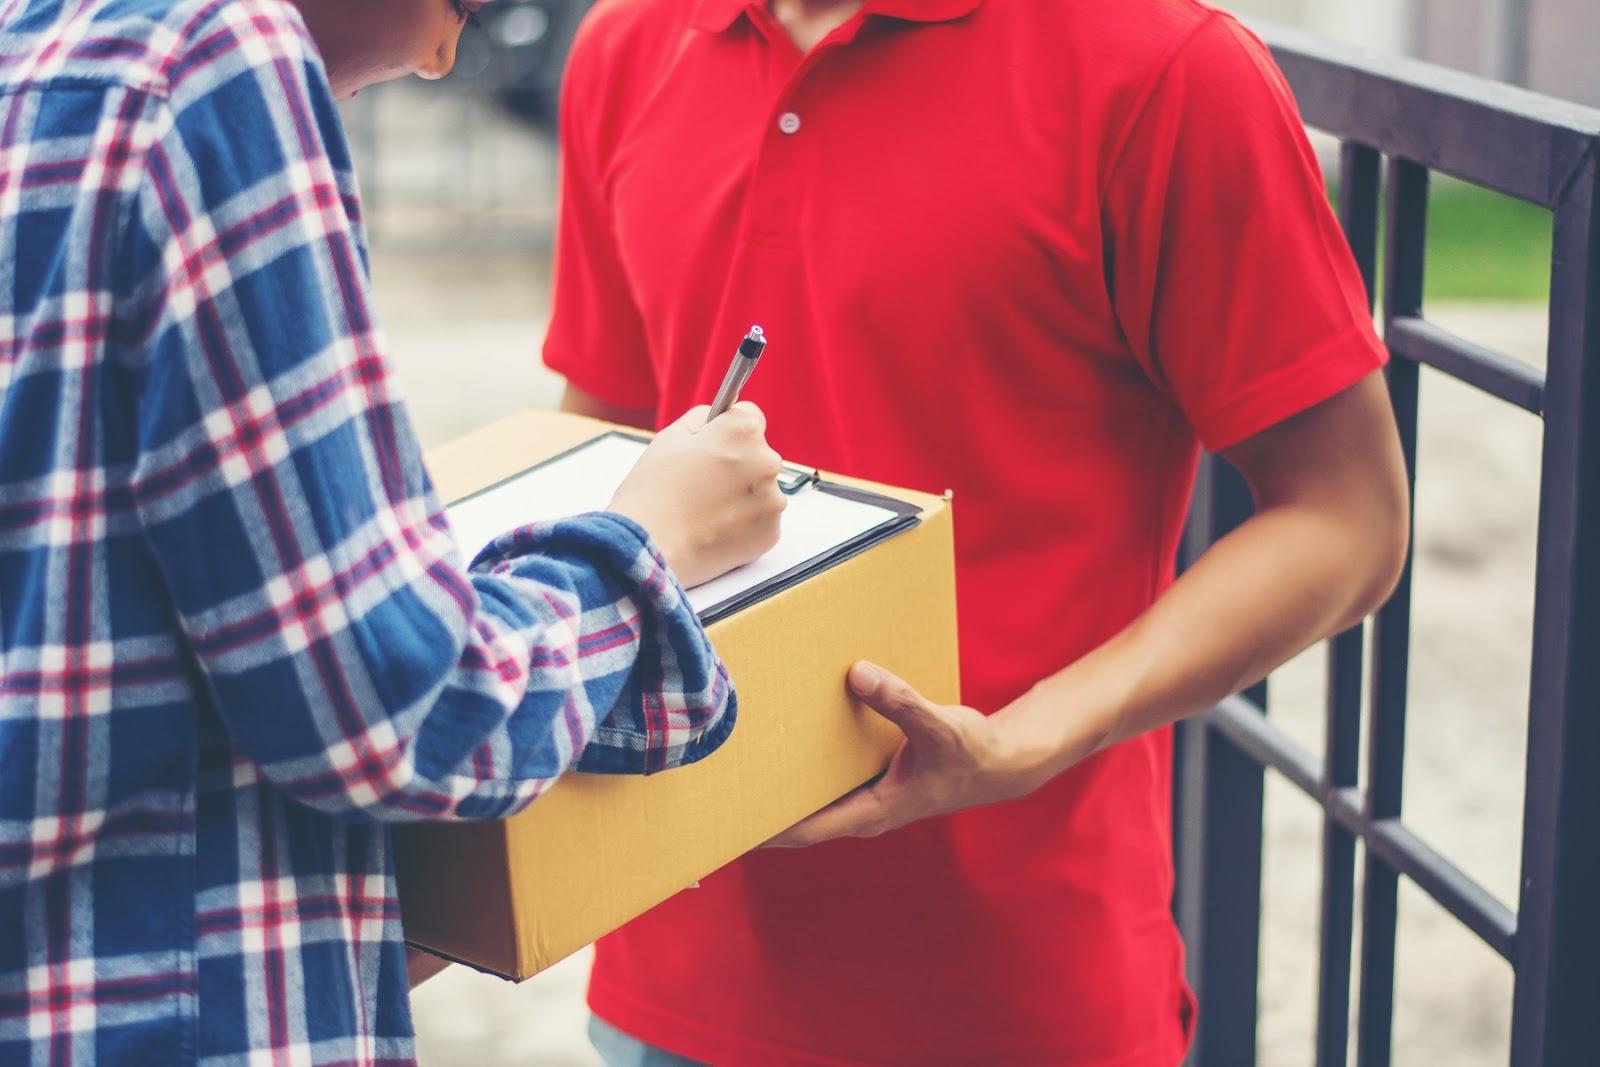 Usar o Melhor Rastreio para acompanhar o trajeto de suas encomendas até o cliente e mantê-lo informado traz credibilidade ao seu negócio. (Foto: FreePik)